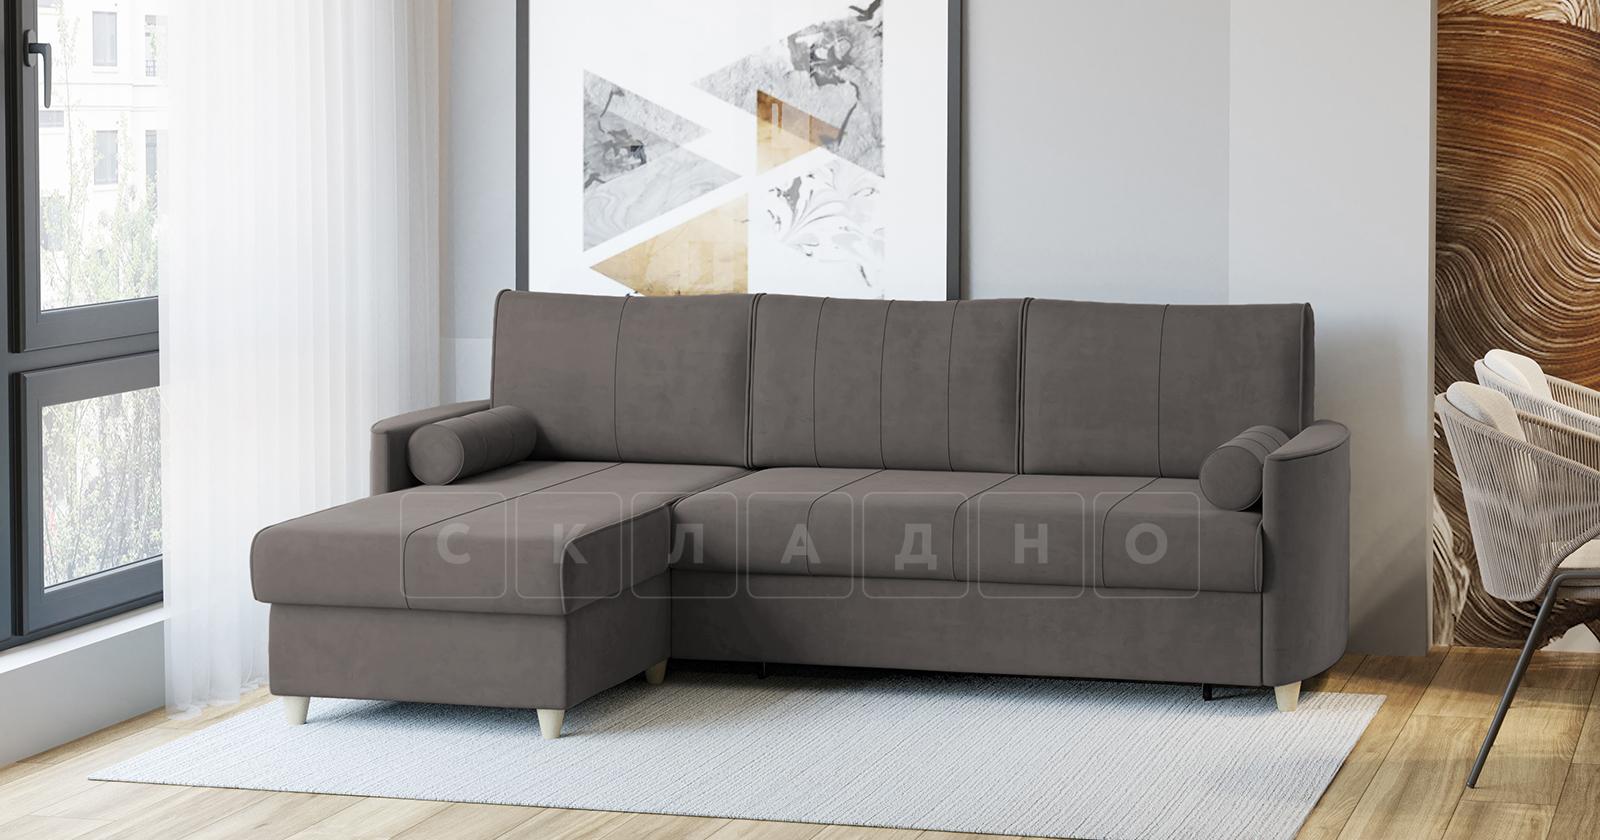 Угловой диван Лорен серо-коричневый фото 2   интернет-магазин Складно